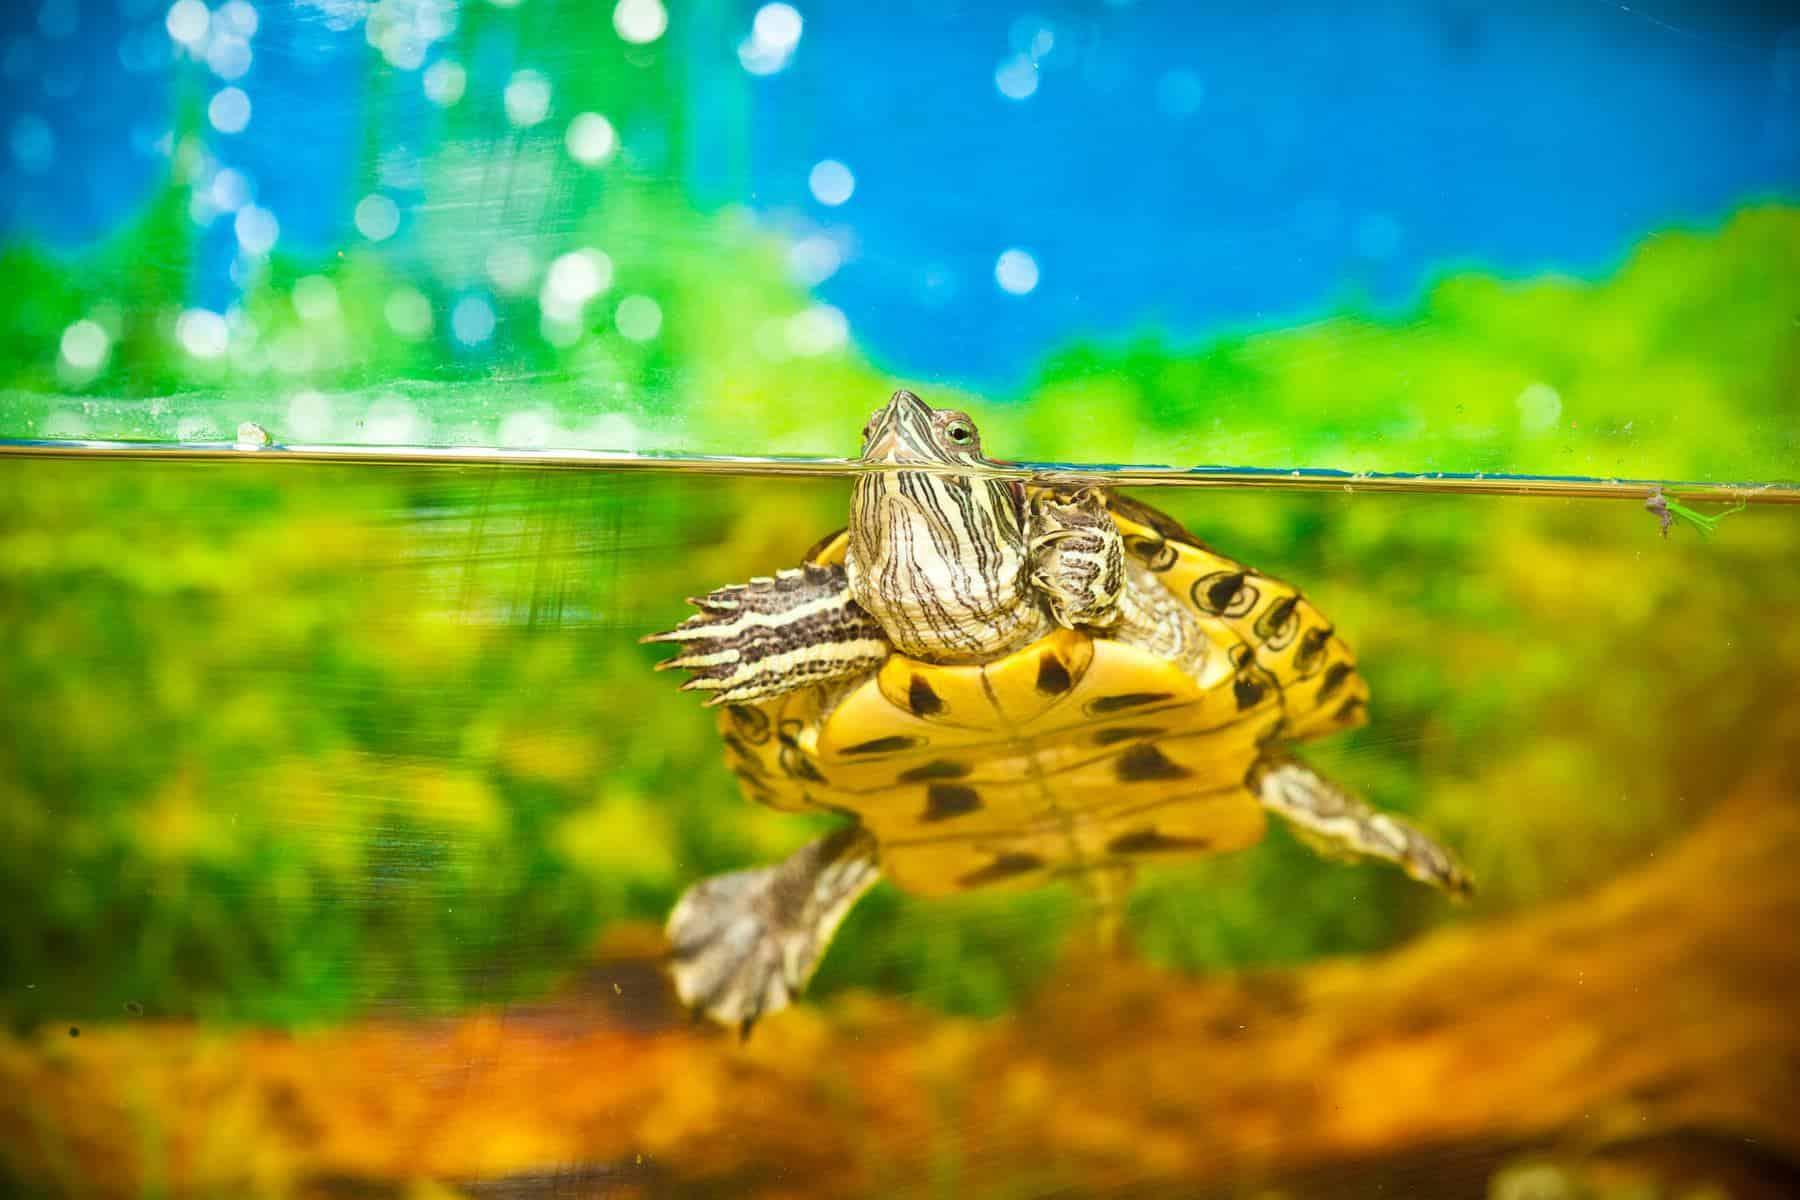 Turtle in aquarium